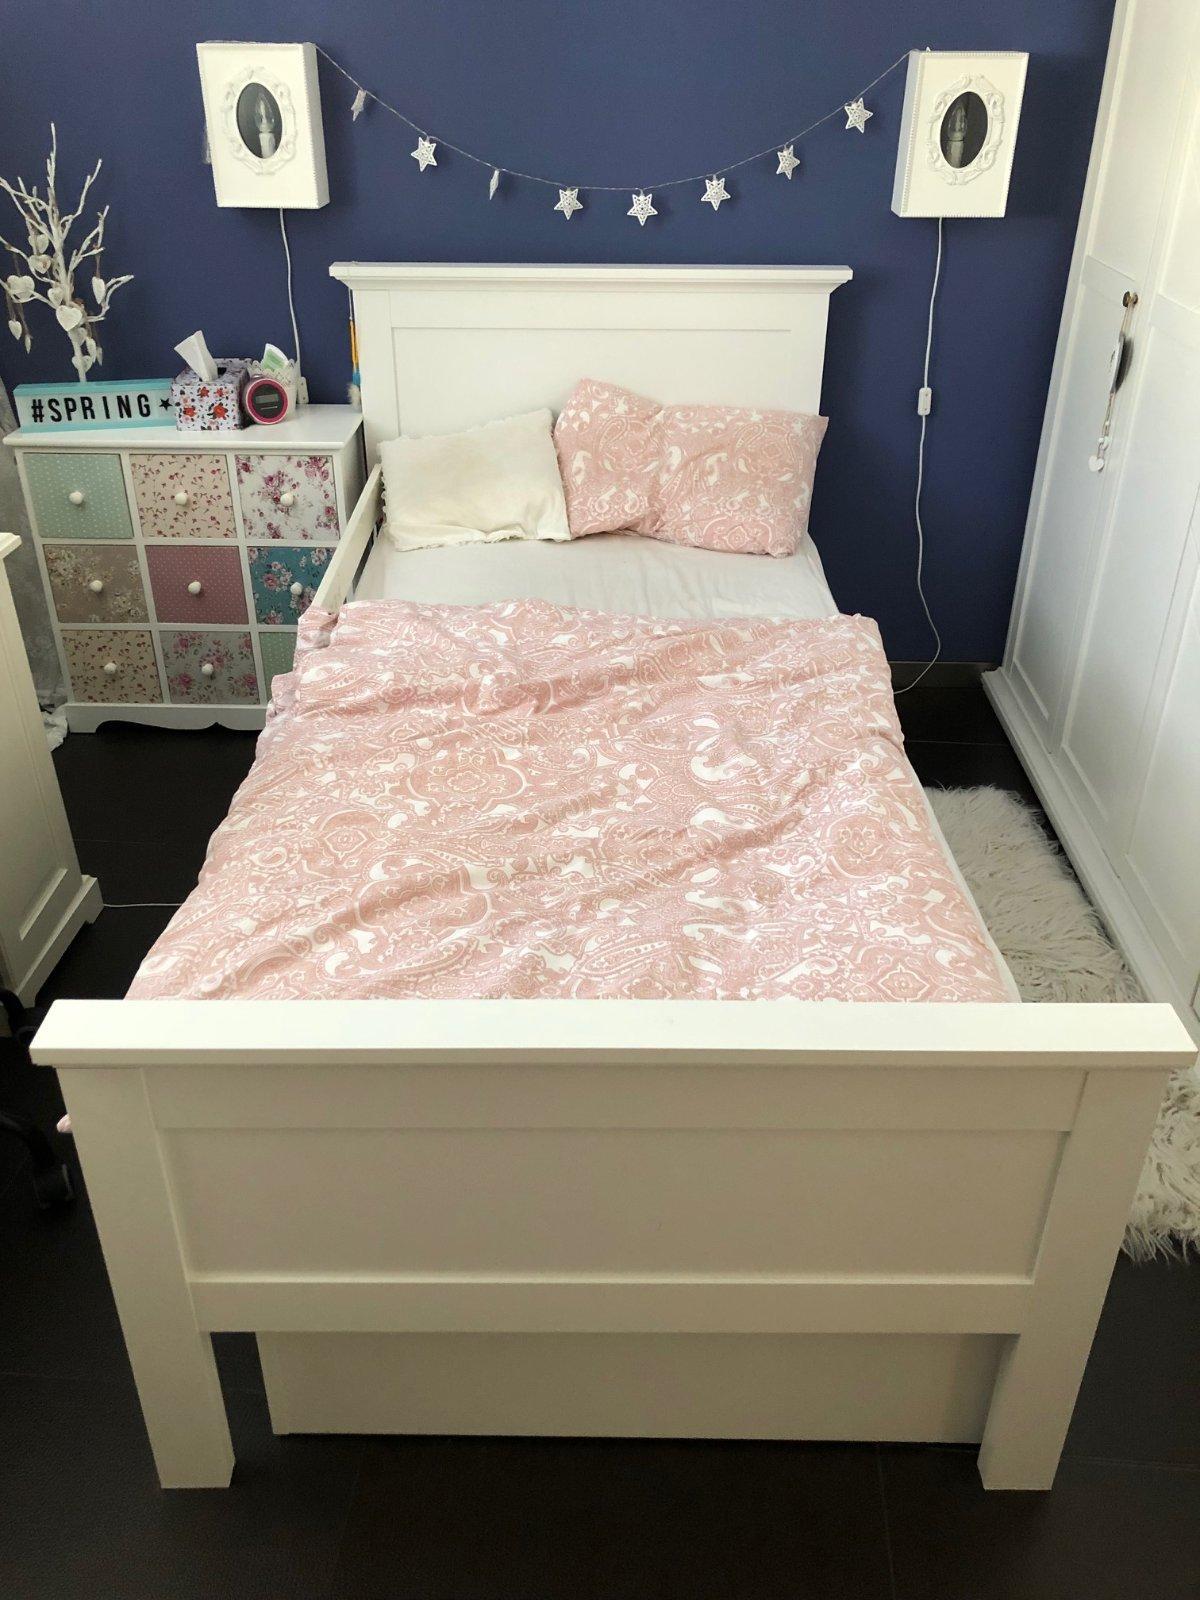 Dievčenská biela romatická posteľ 90x200 cm - Obrázok č. 1